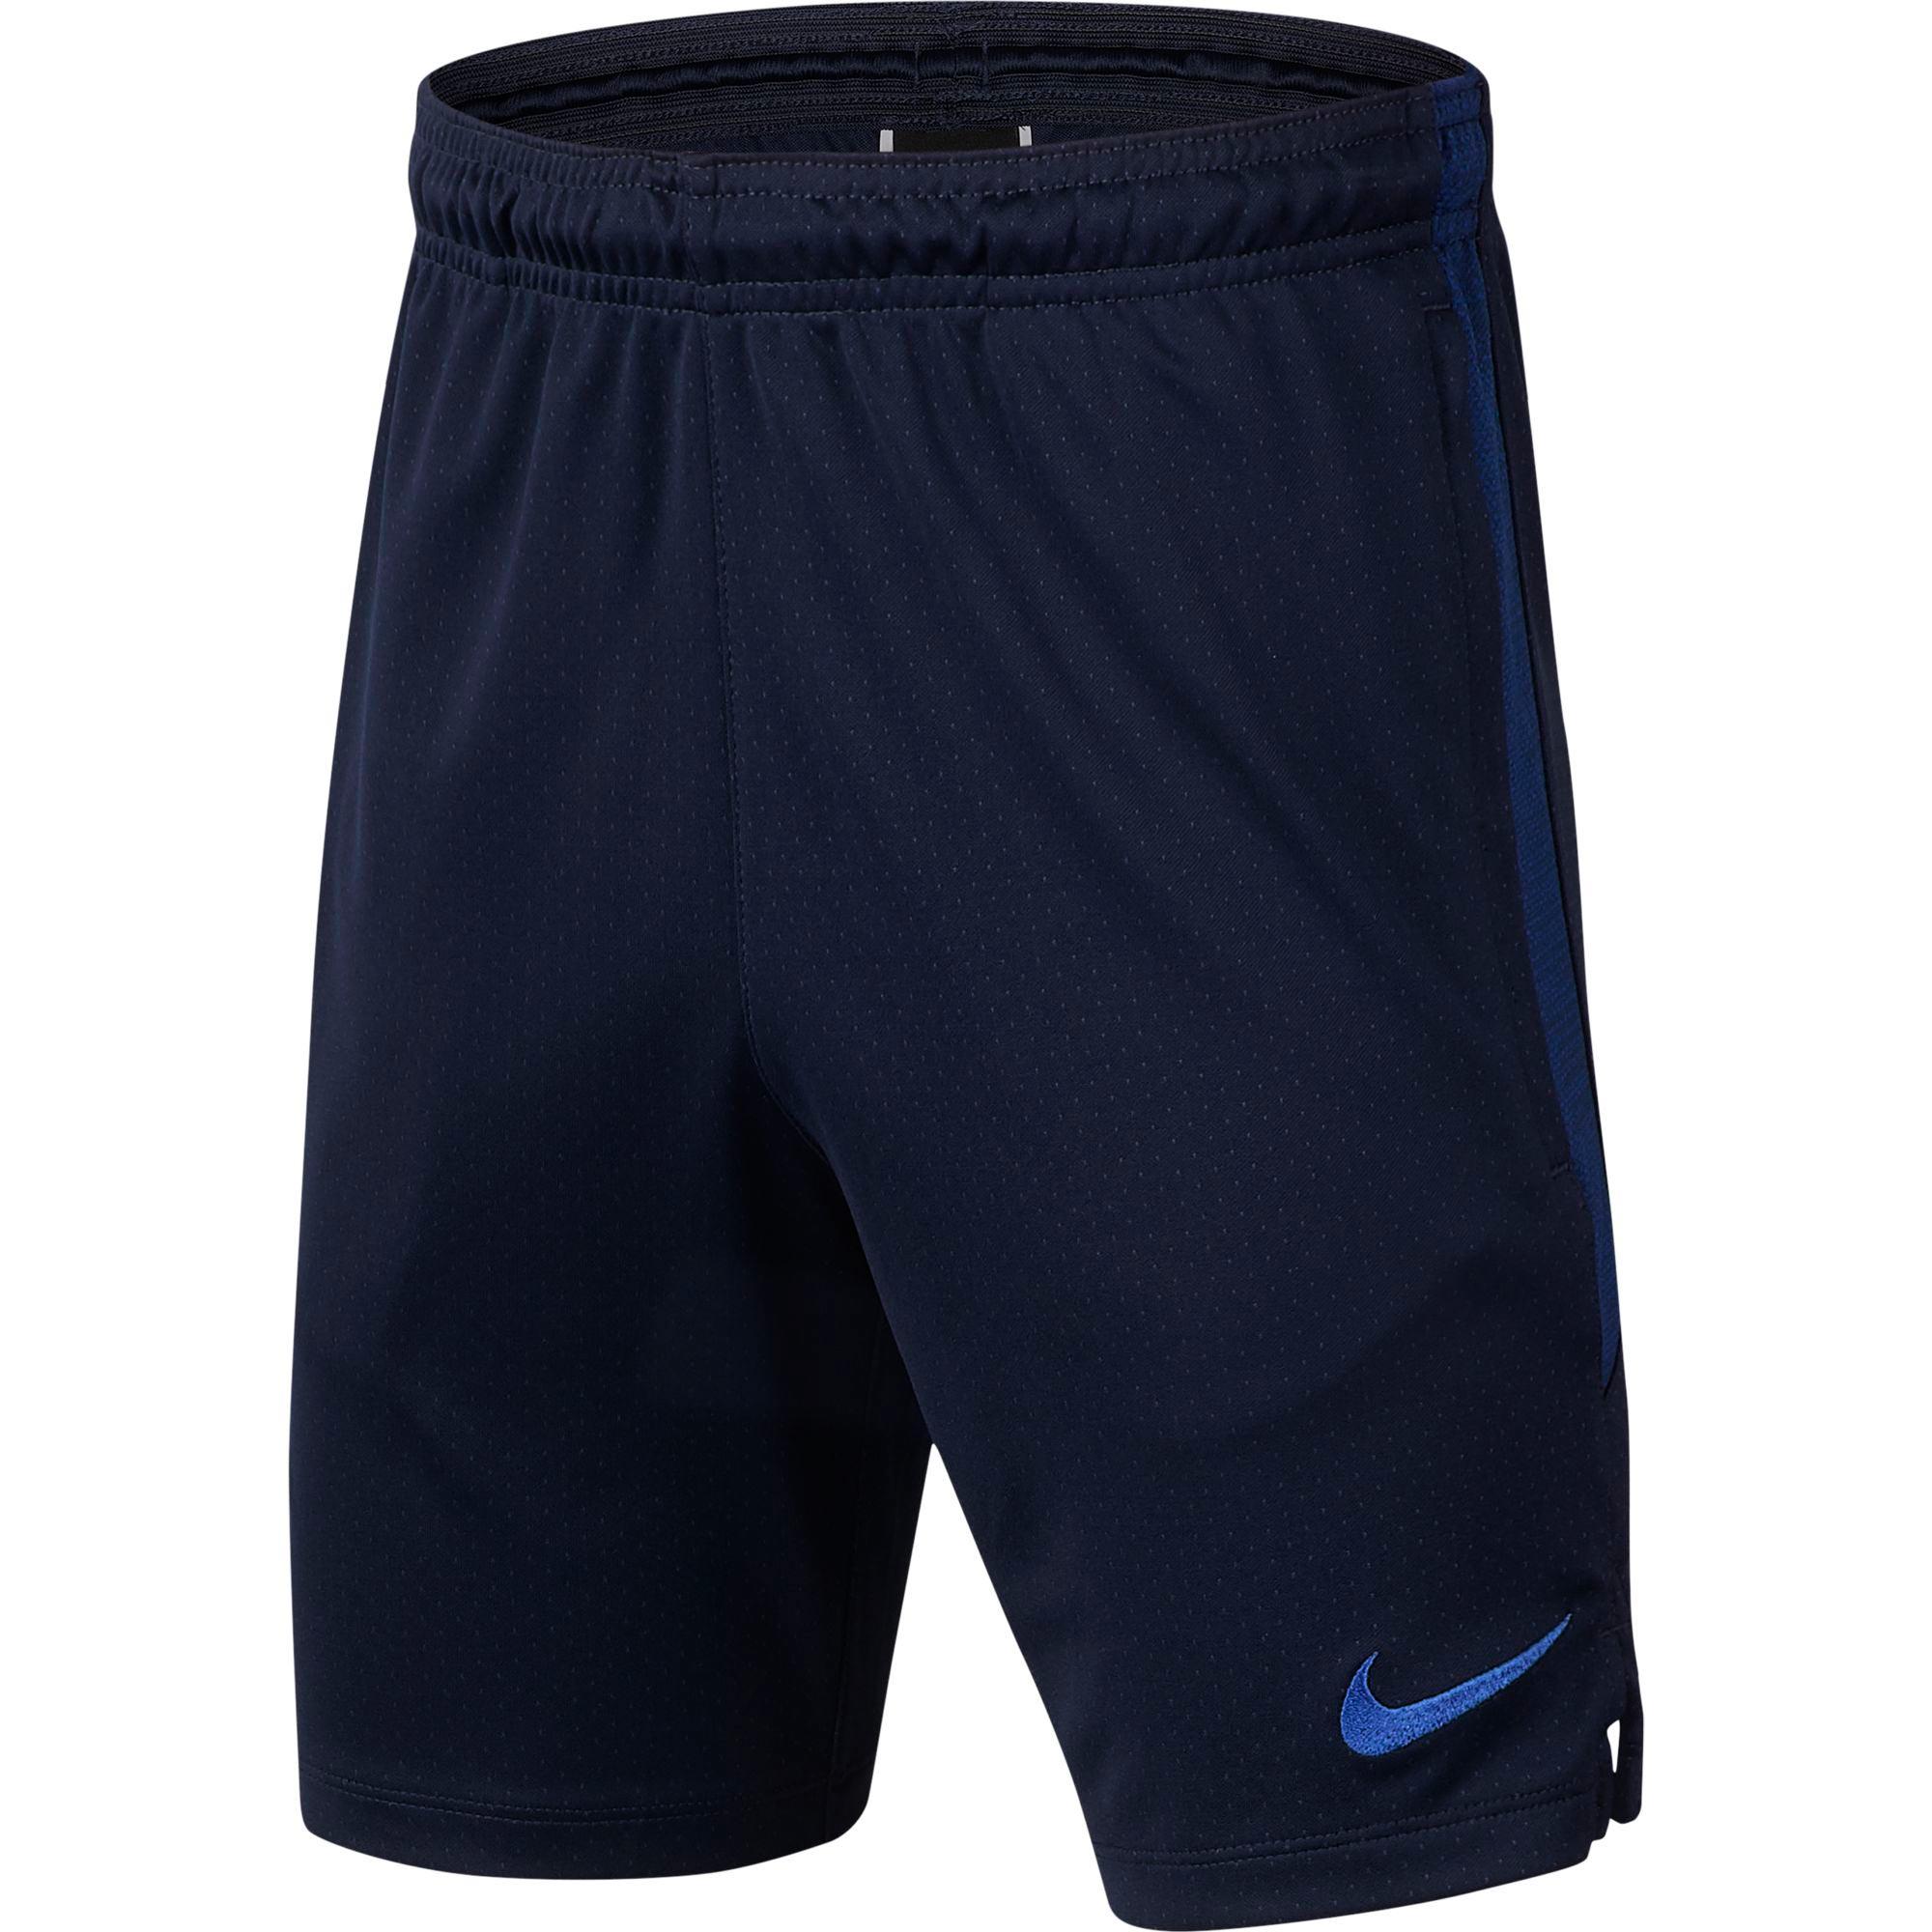 Chelsea Strike Training Shorts - Navy - Kids